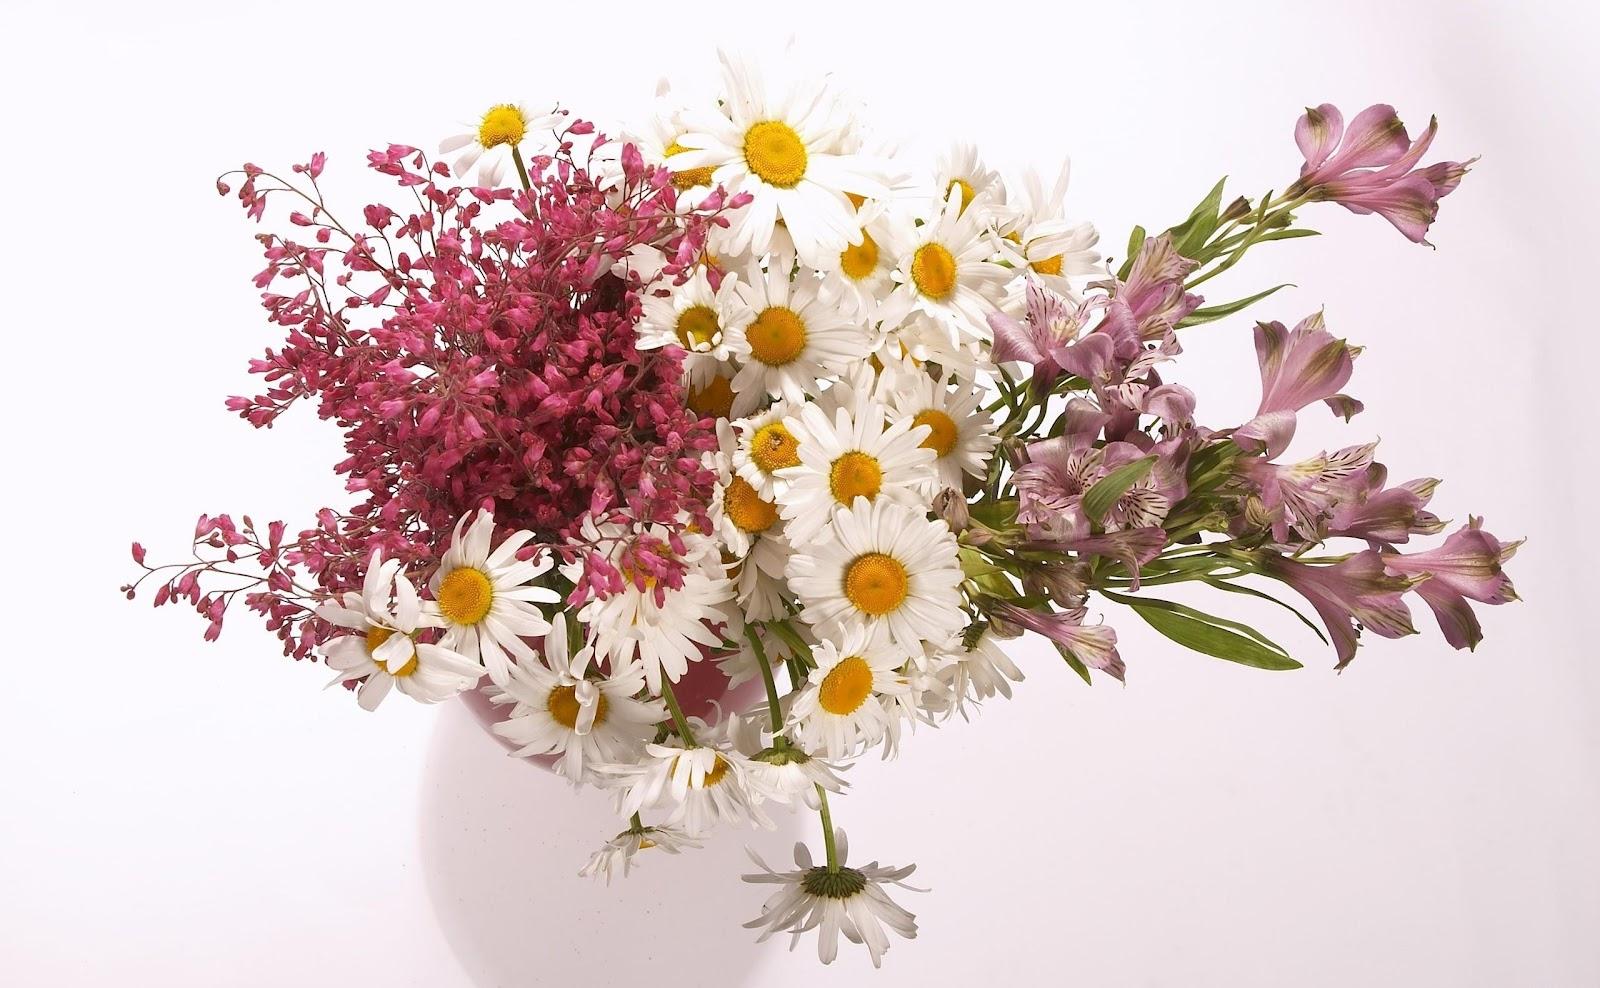 Imagenes de jarrones de flores - Fotografias y fotos para imprimir